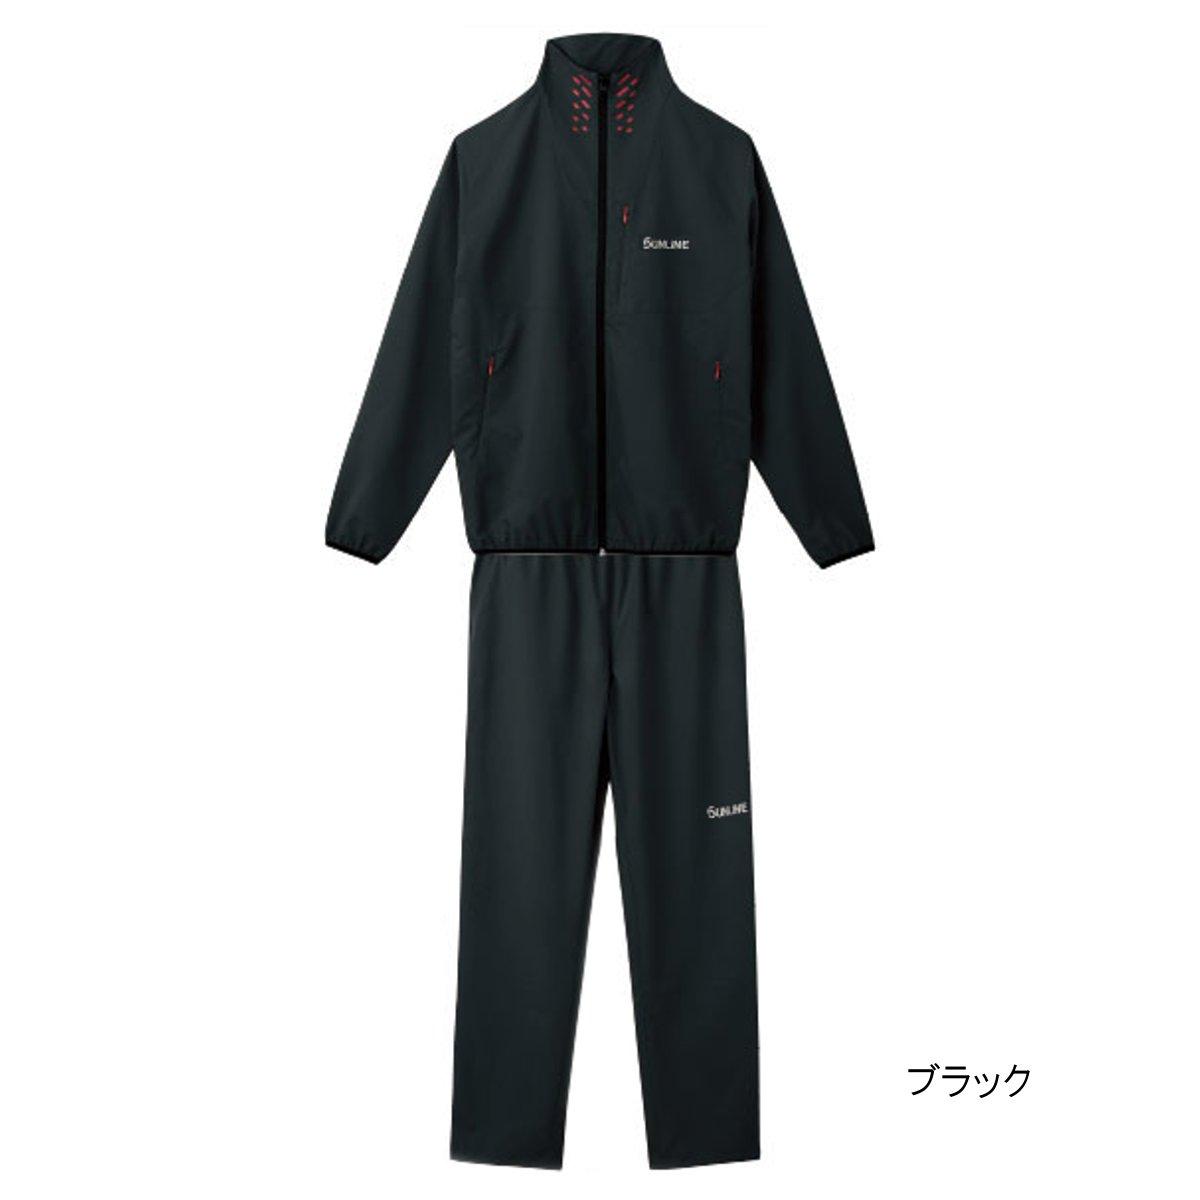 ライトストレッチスーツ SUW-3226 LL ブラック(東日本店)